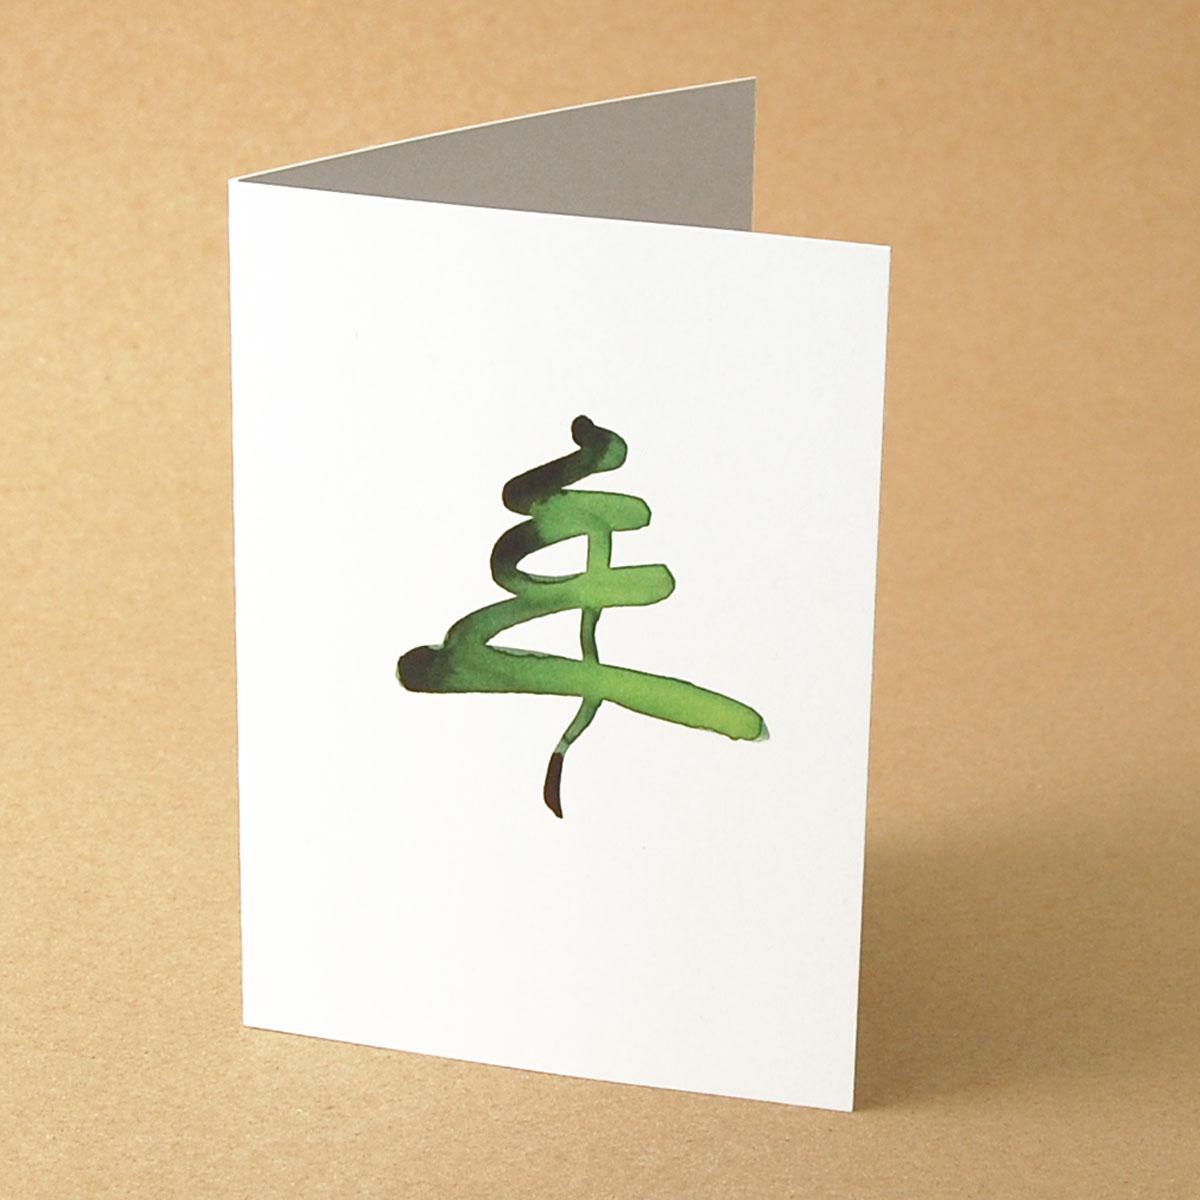 Designer Weihnachtskarten De.Weihnachtskarte Skizzierter Baum